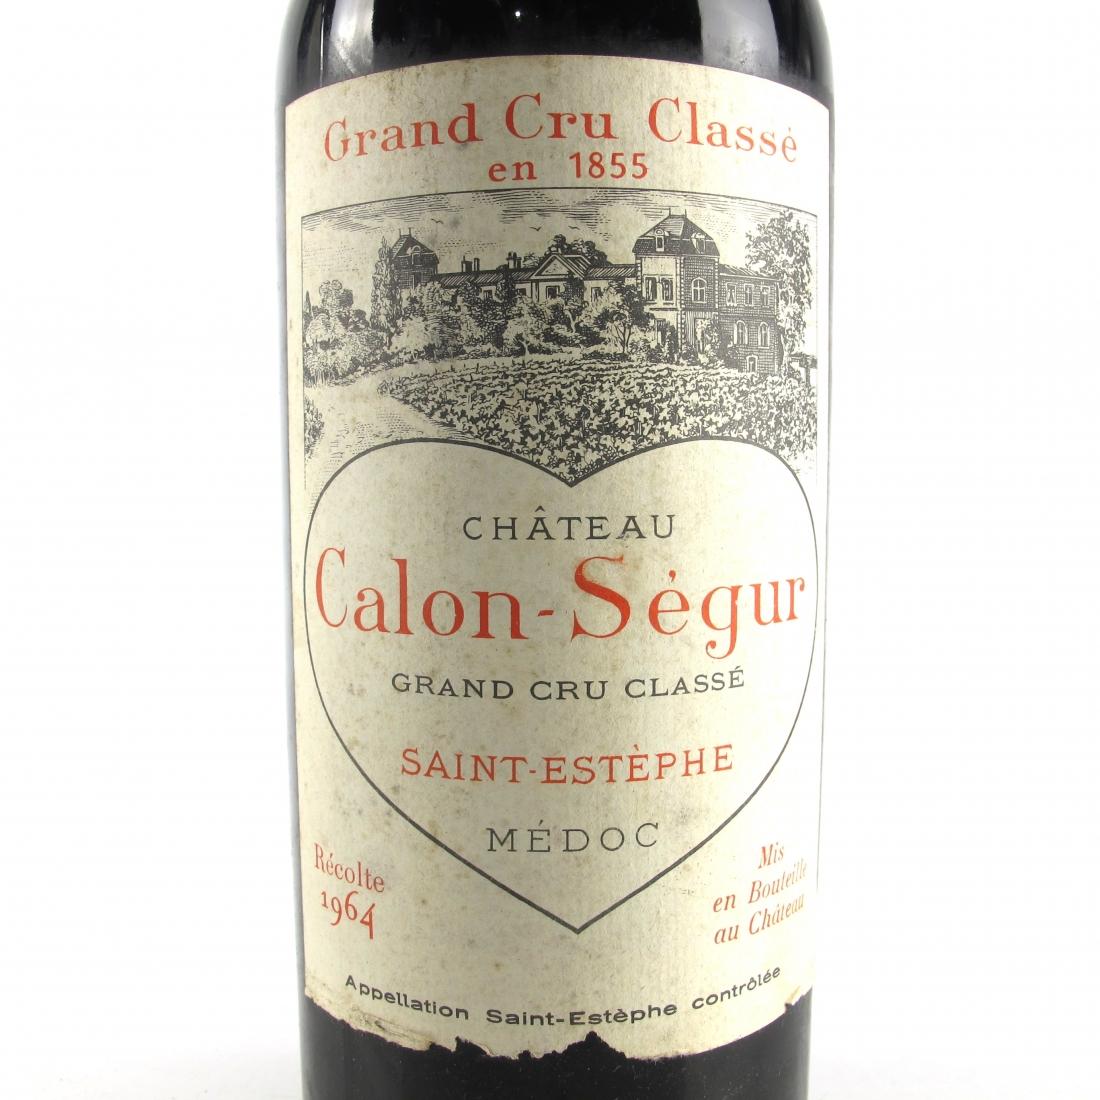 Ch. Calon-Segur 1964 Saint Estephe 3eme-Cru 150cl